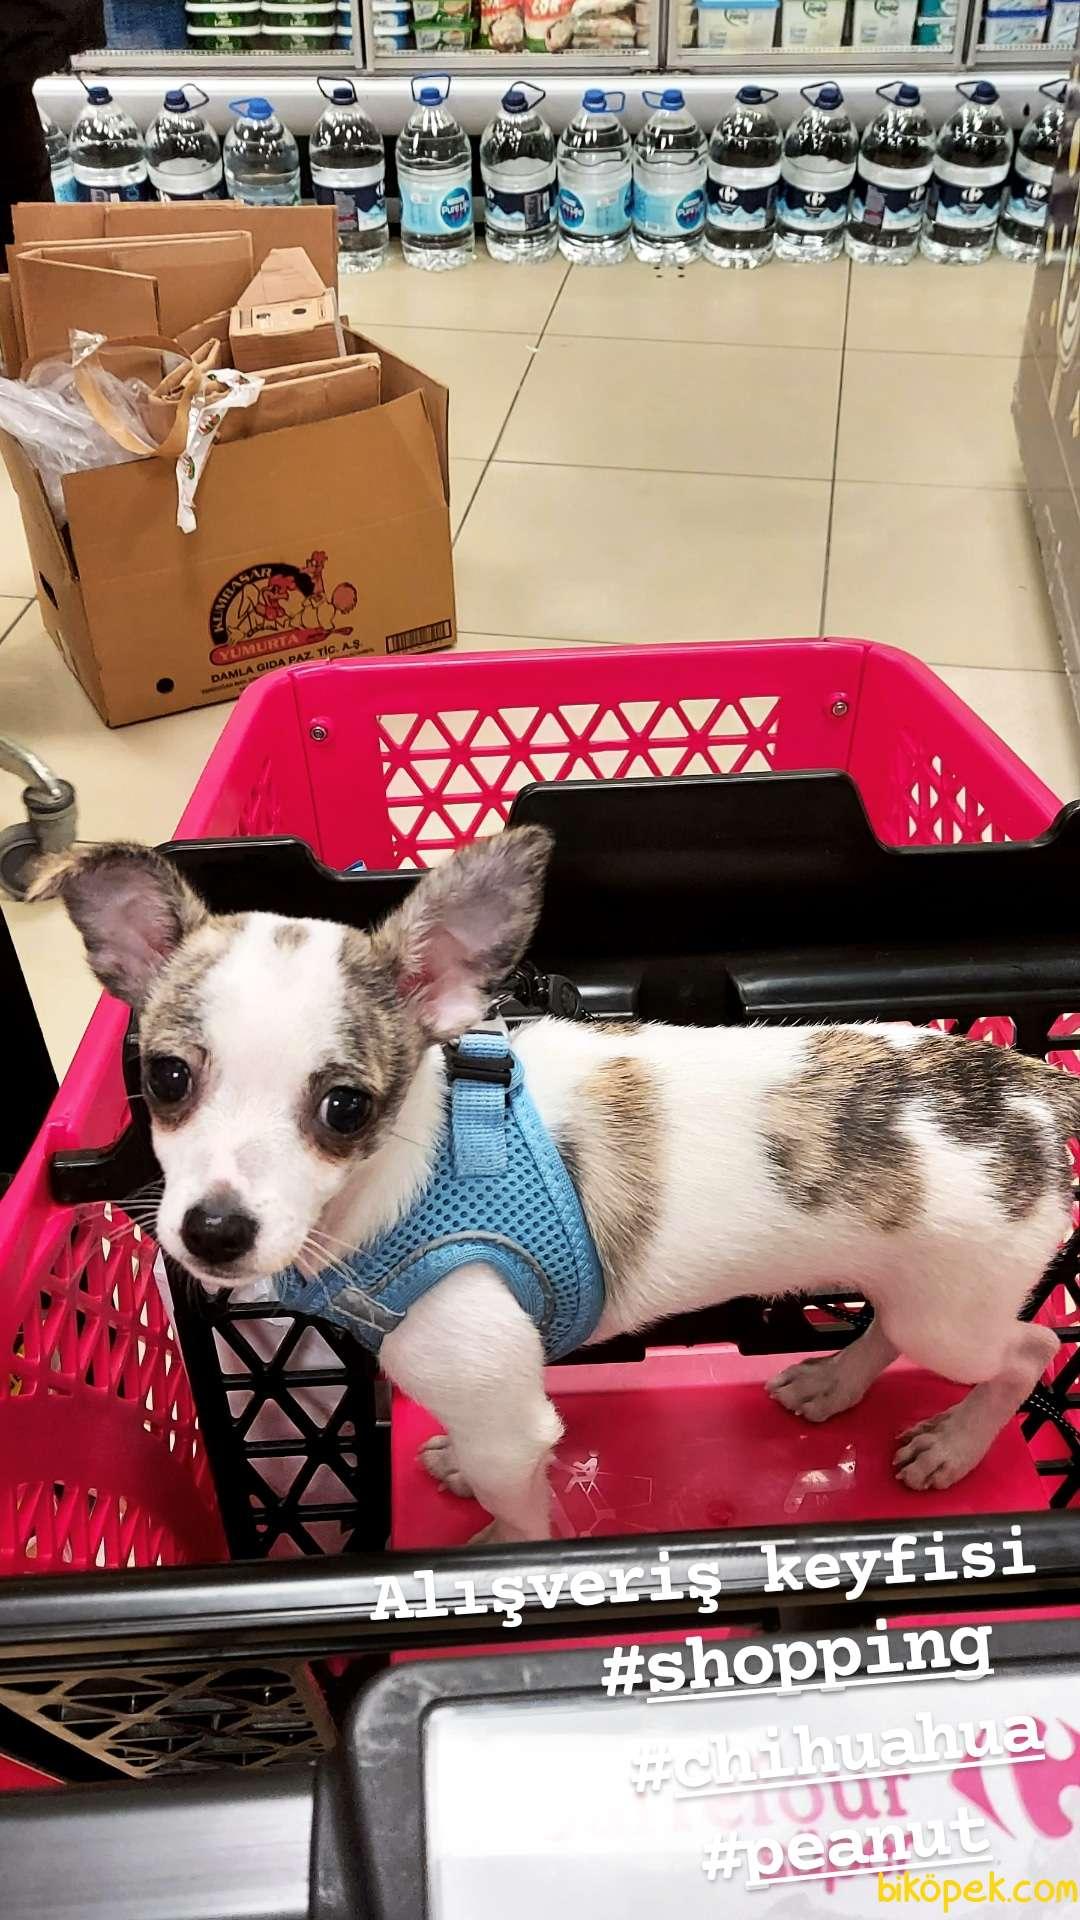 6 Aylık Eğitimli Chihuahua (Peanut) 2